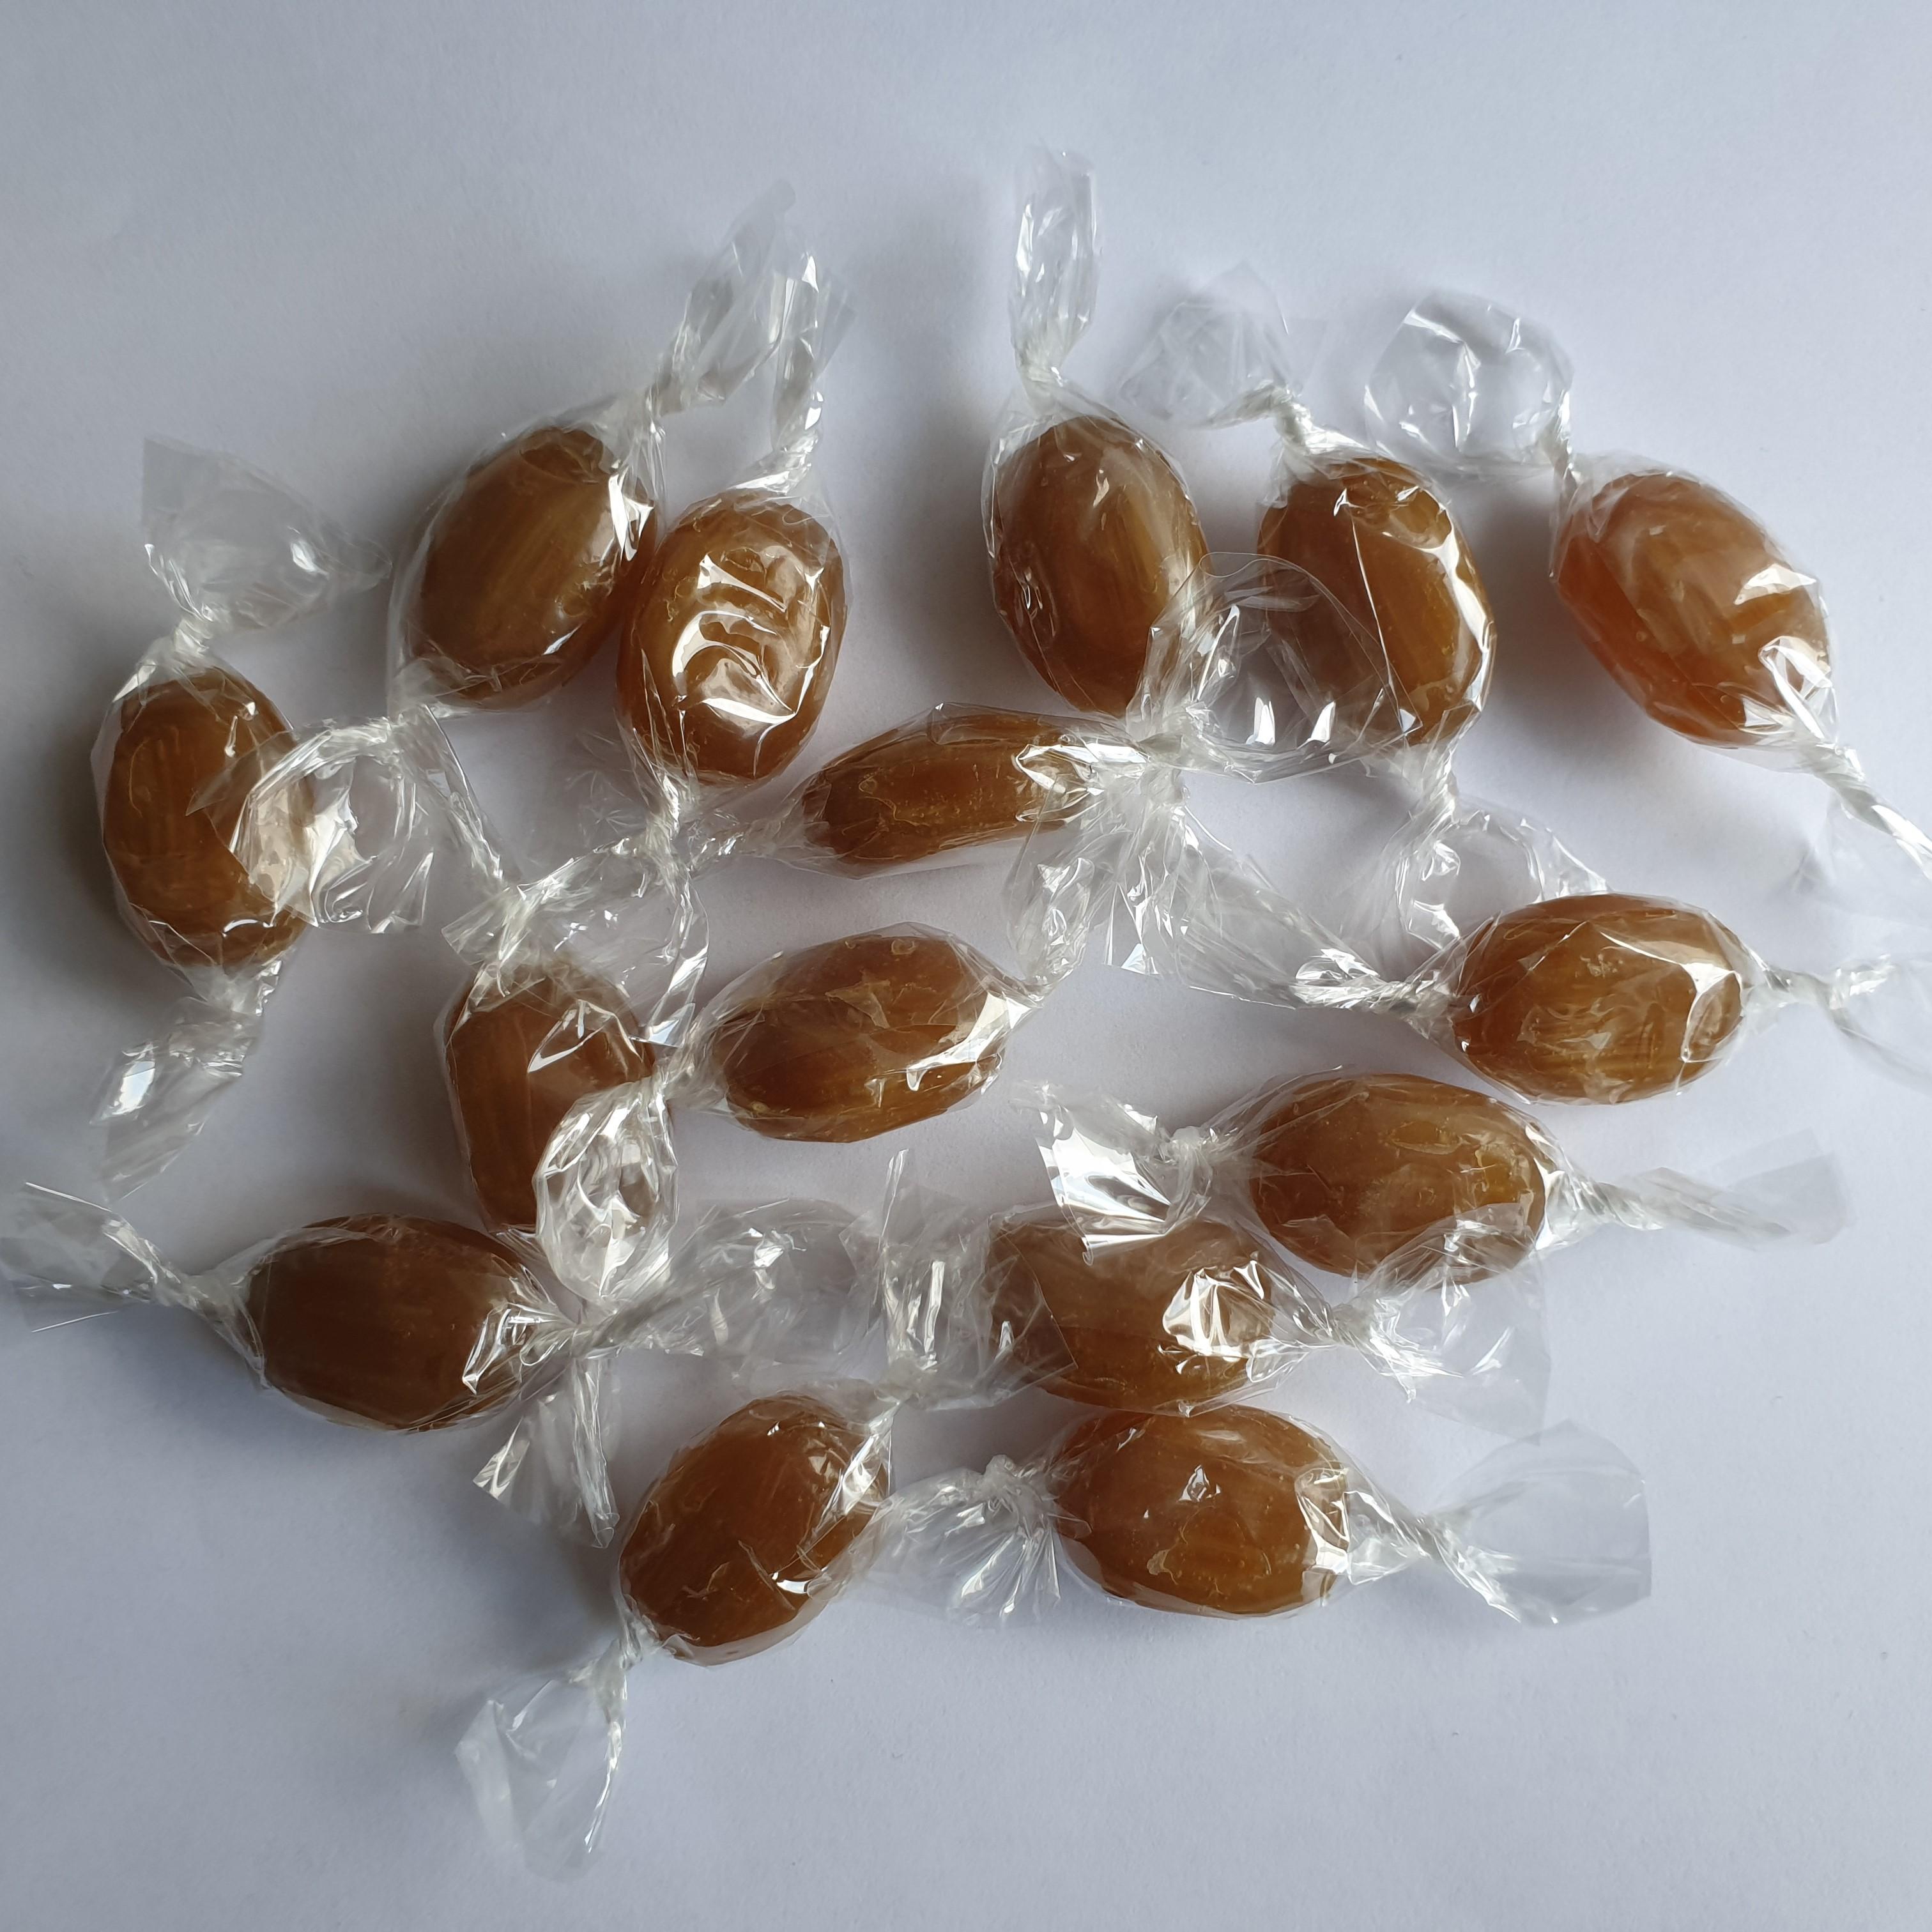 Honig-Propolis-Bonbon   3 kg Beutel